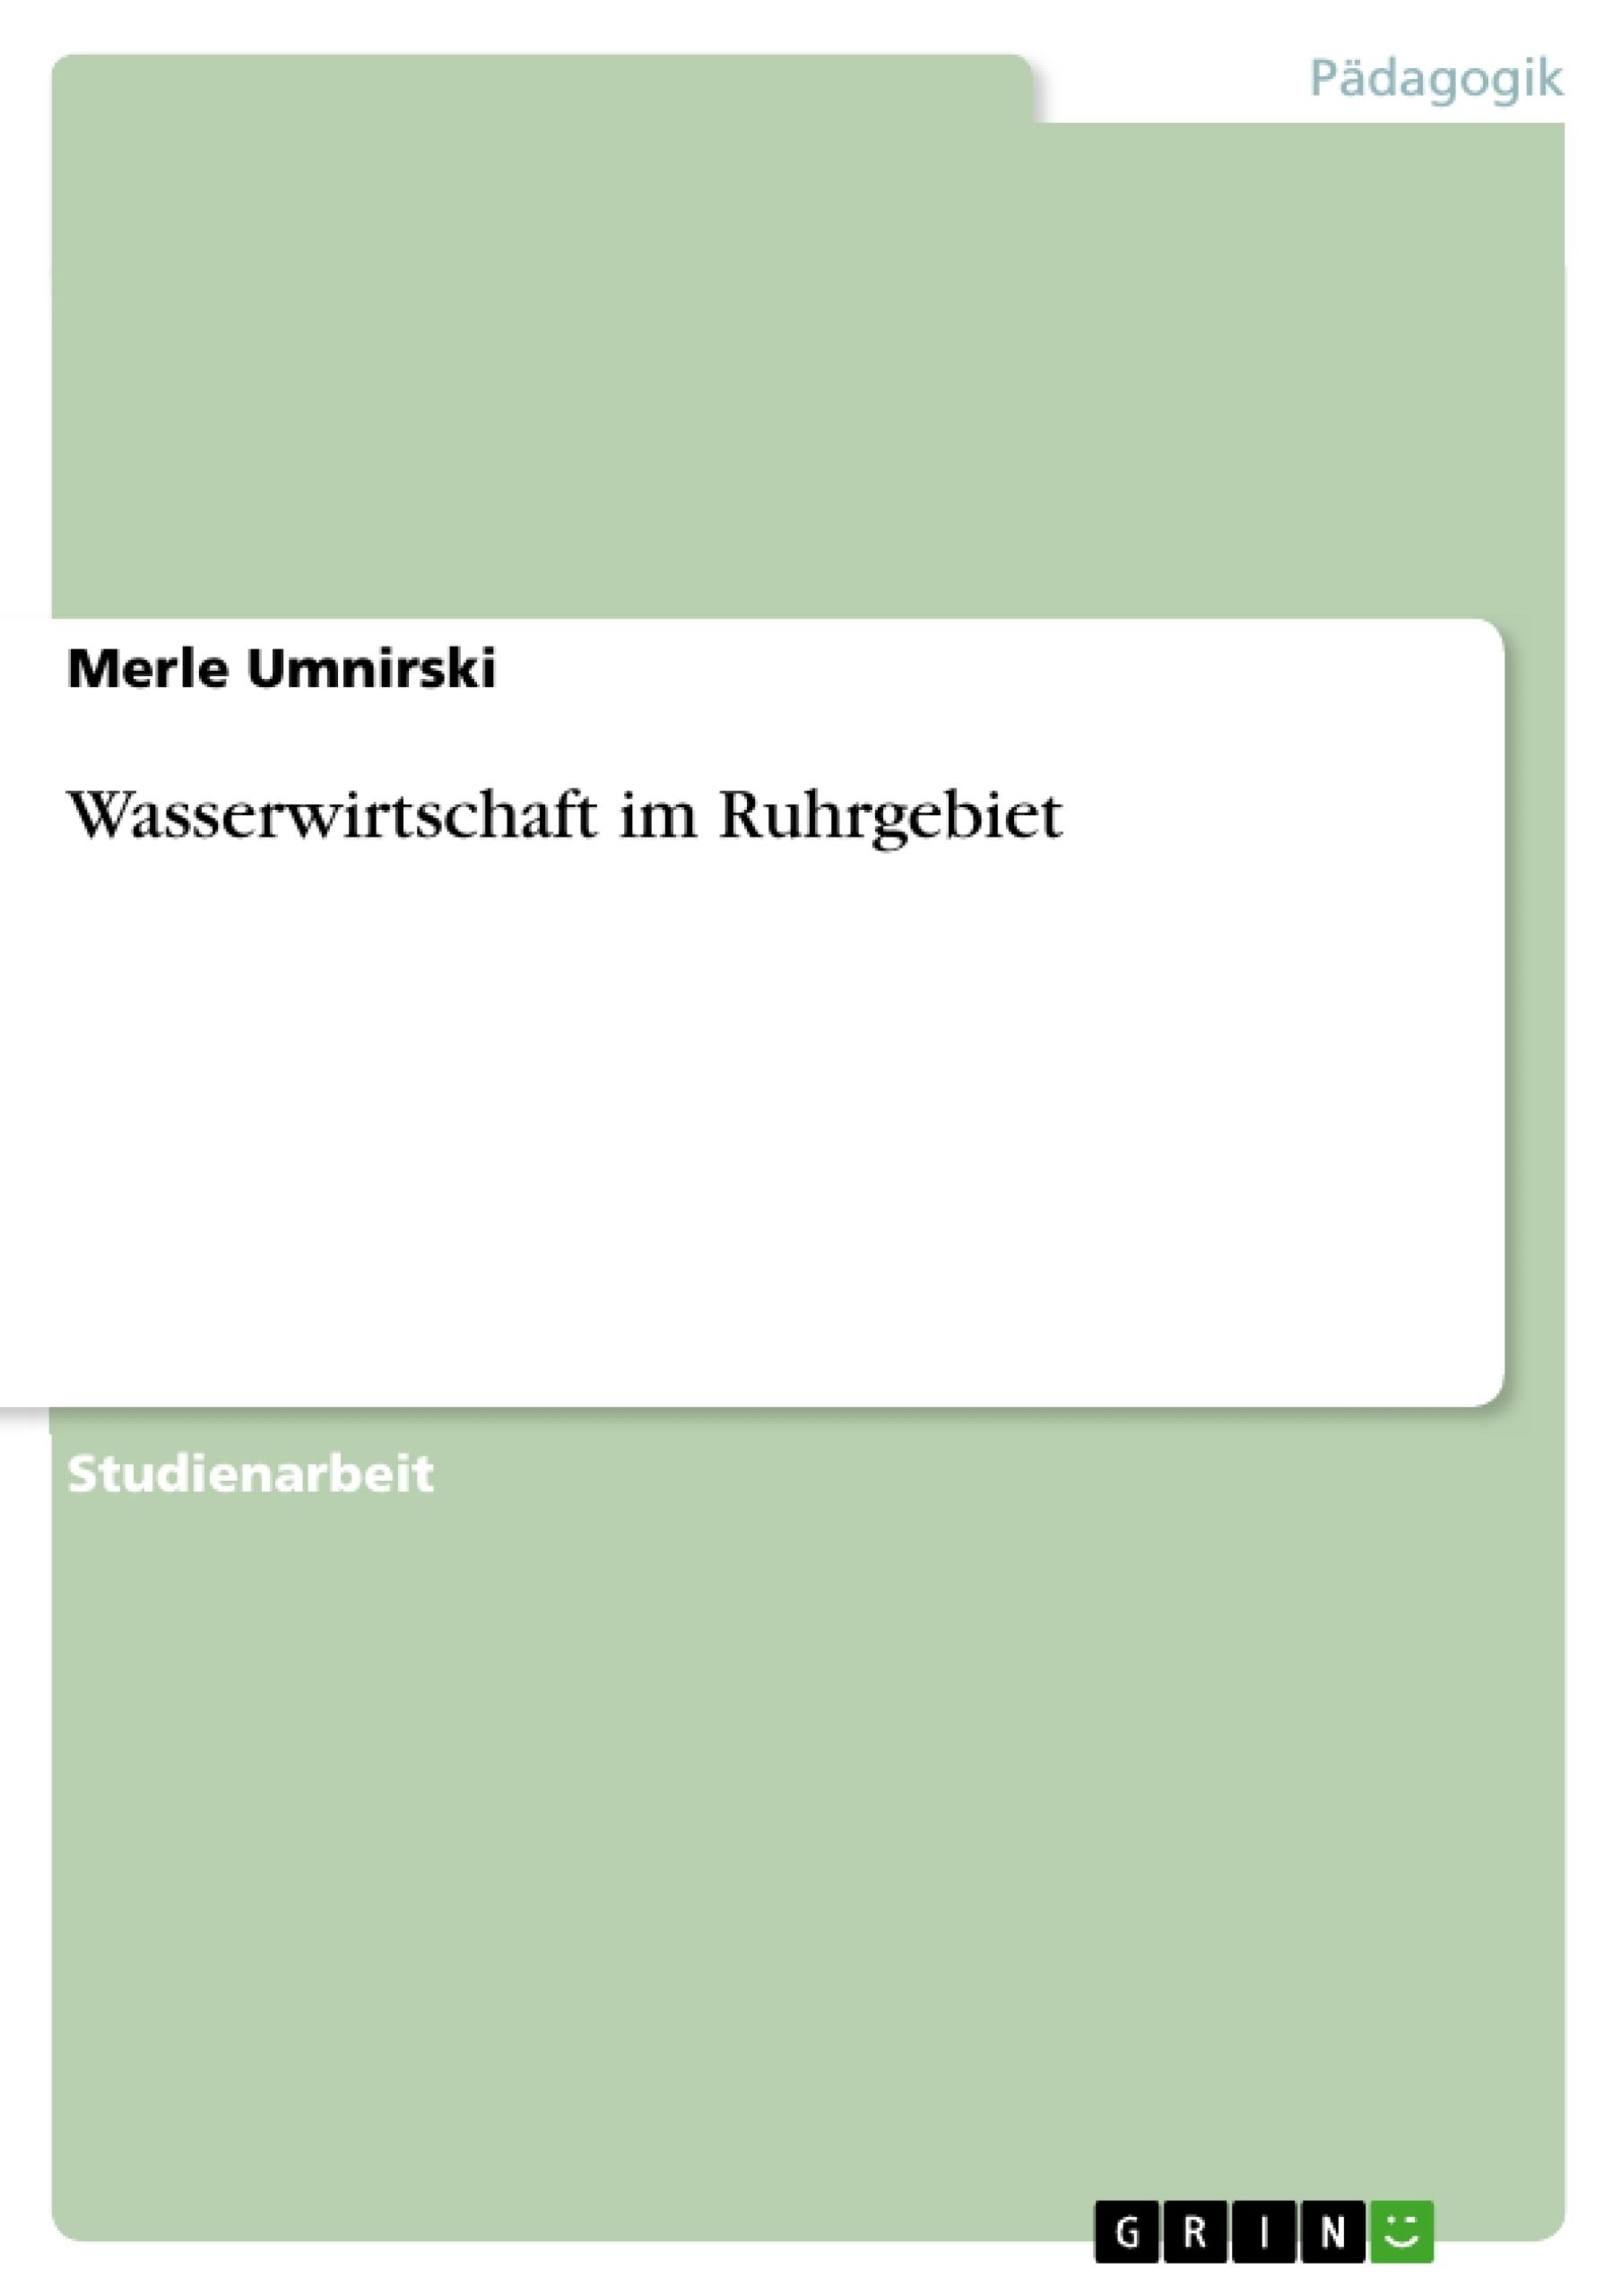 Titel: Wasserwirtschaft im Ruhrgebiet